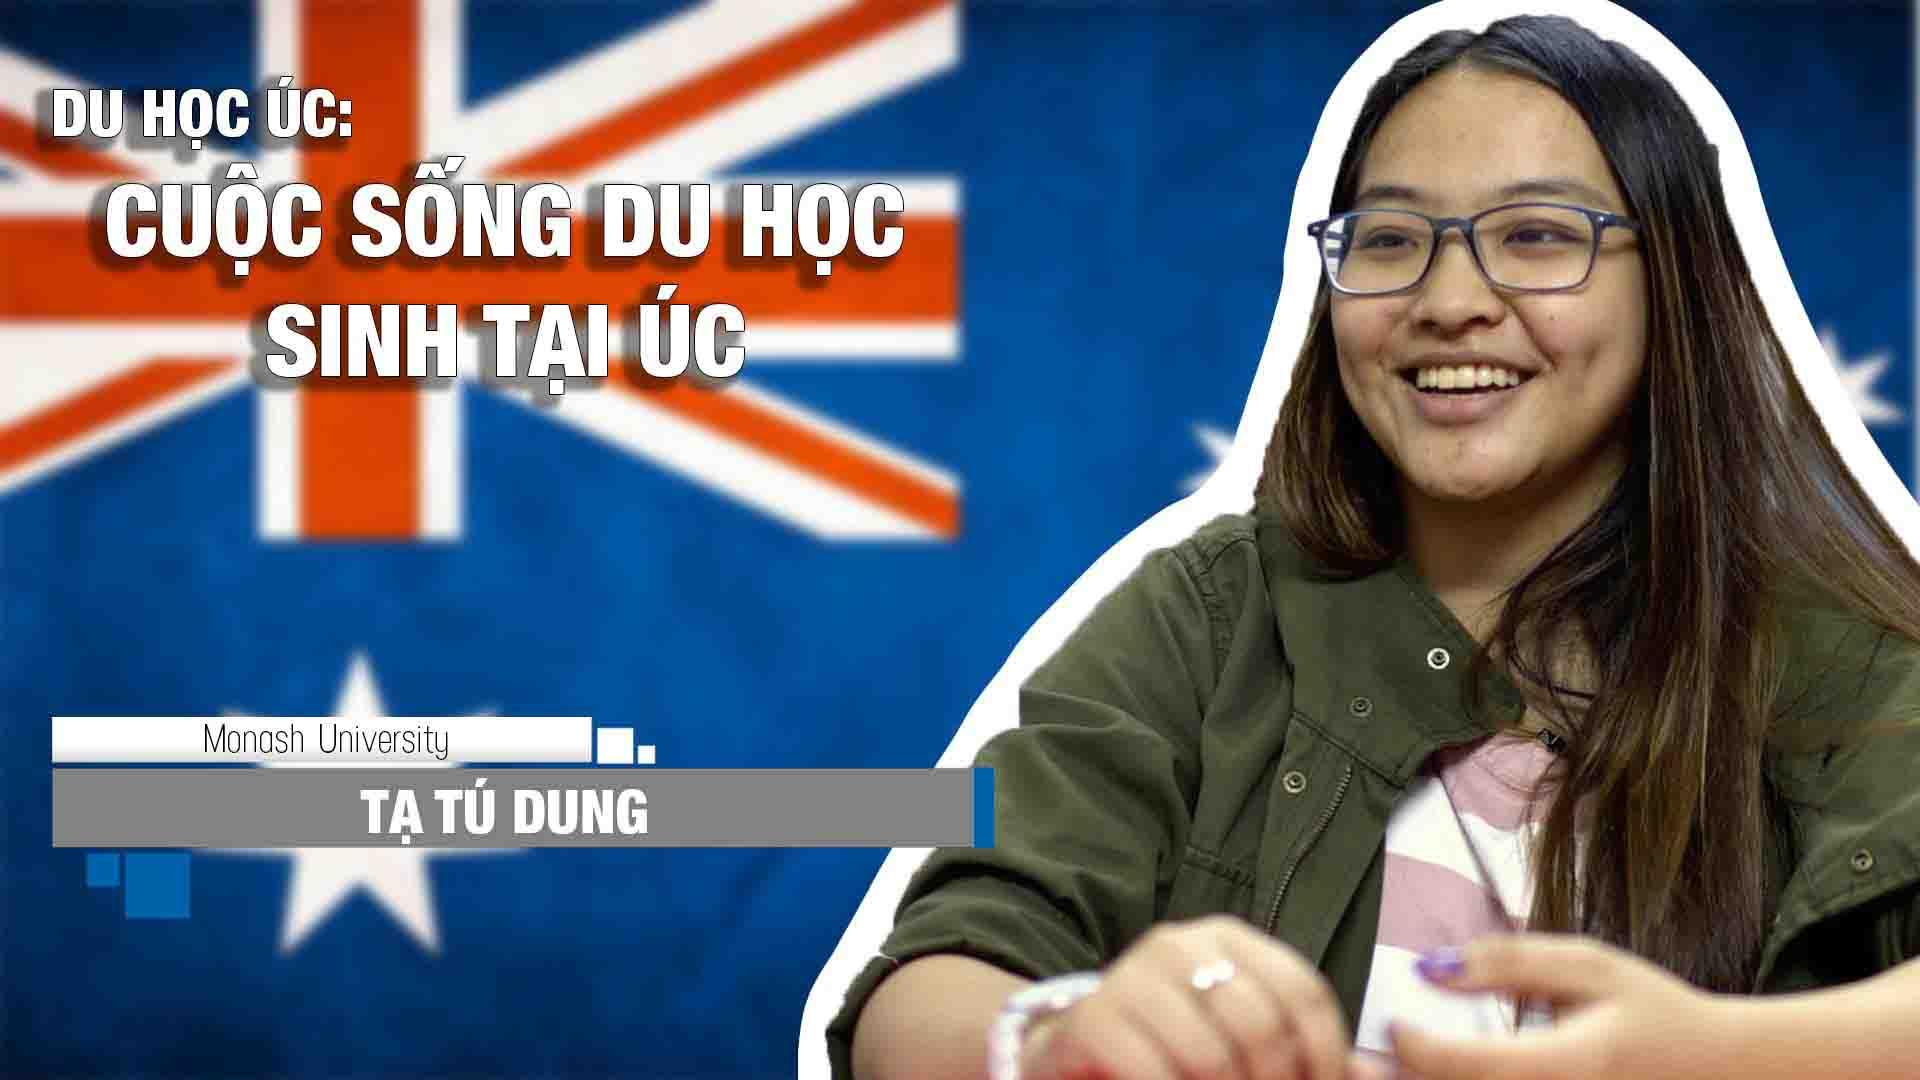 Chia sẻ bổ ích về cuộc sống và học tập của bạn Tạ Tú Dung – hiện đang theo học chương trình Cử nhân Kinh doanh, chuyên ngành Kế toán tại trường Đại học Monash. Đây là ngôi trường luôn được đánh giá cao cho chất lượng học thuật và nghiên cứu tuyệt vời.